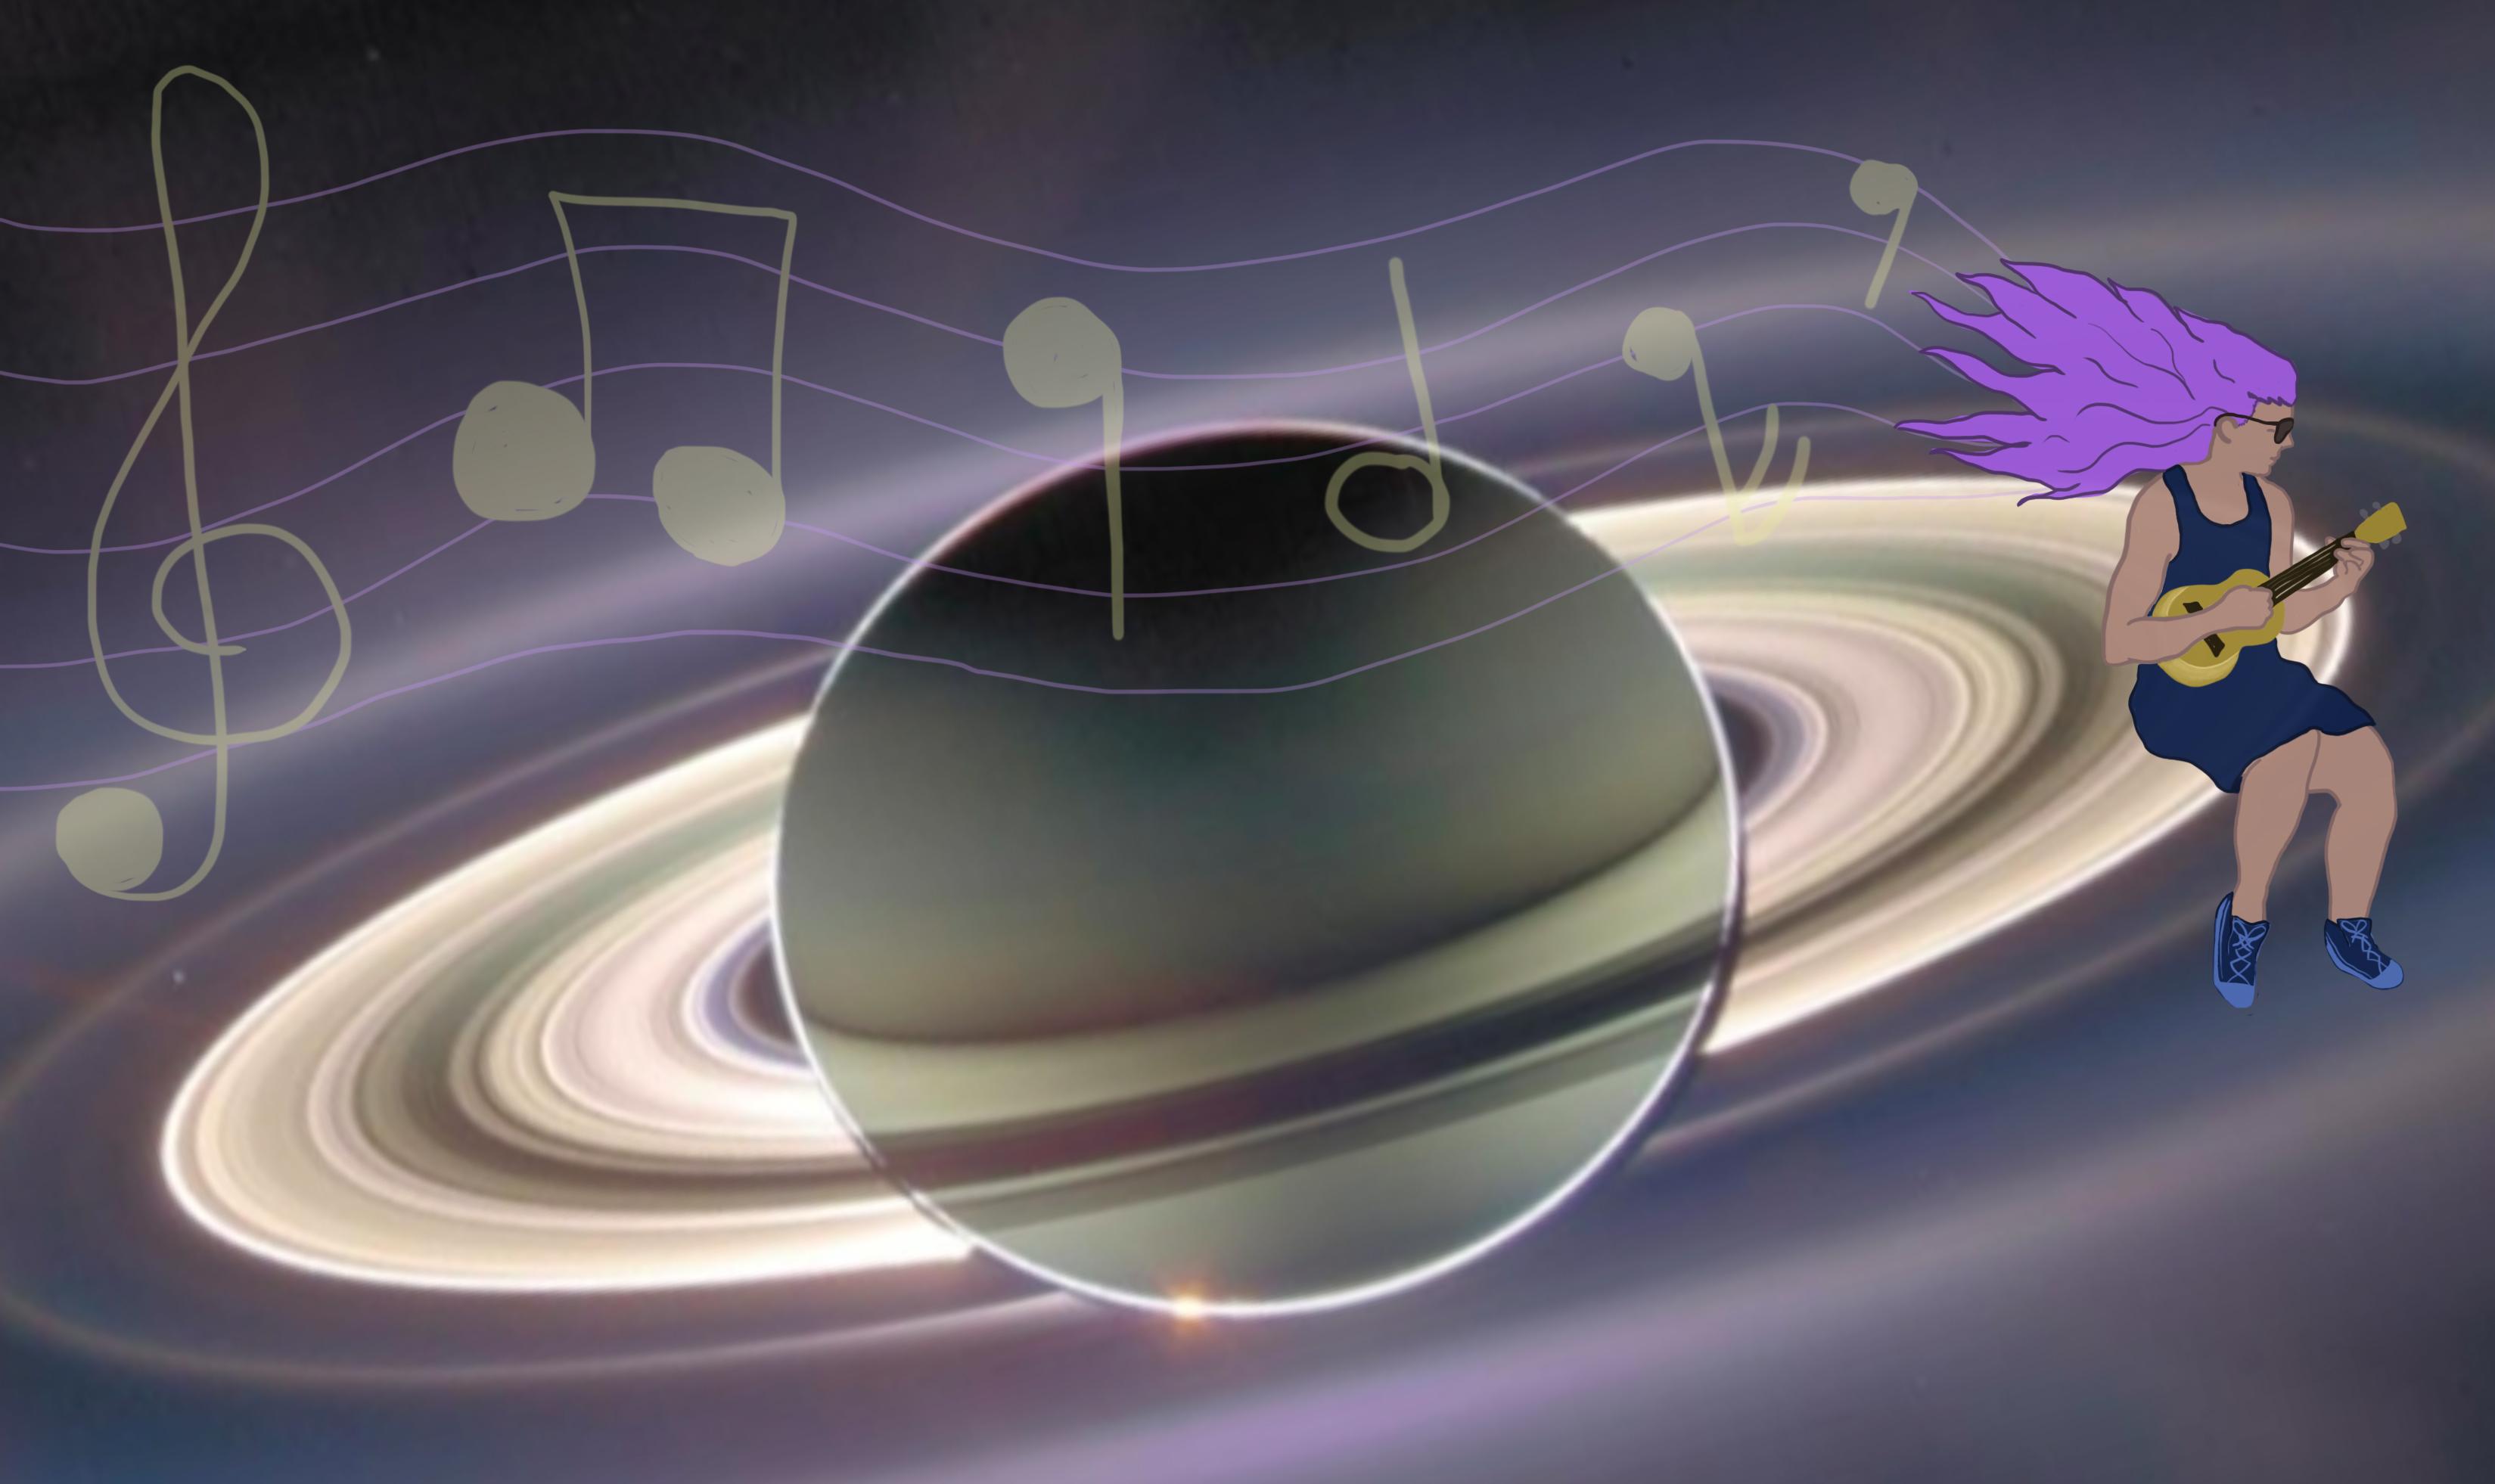 _Rings of Saturn